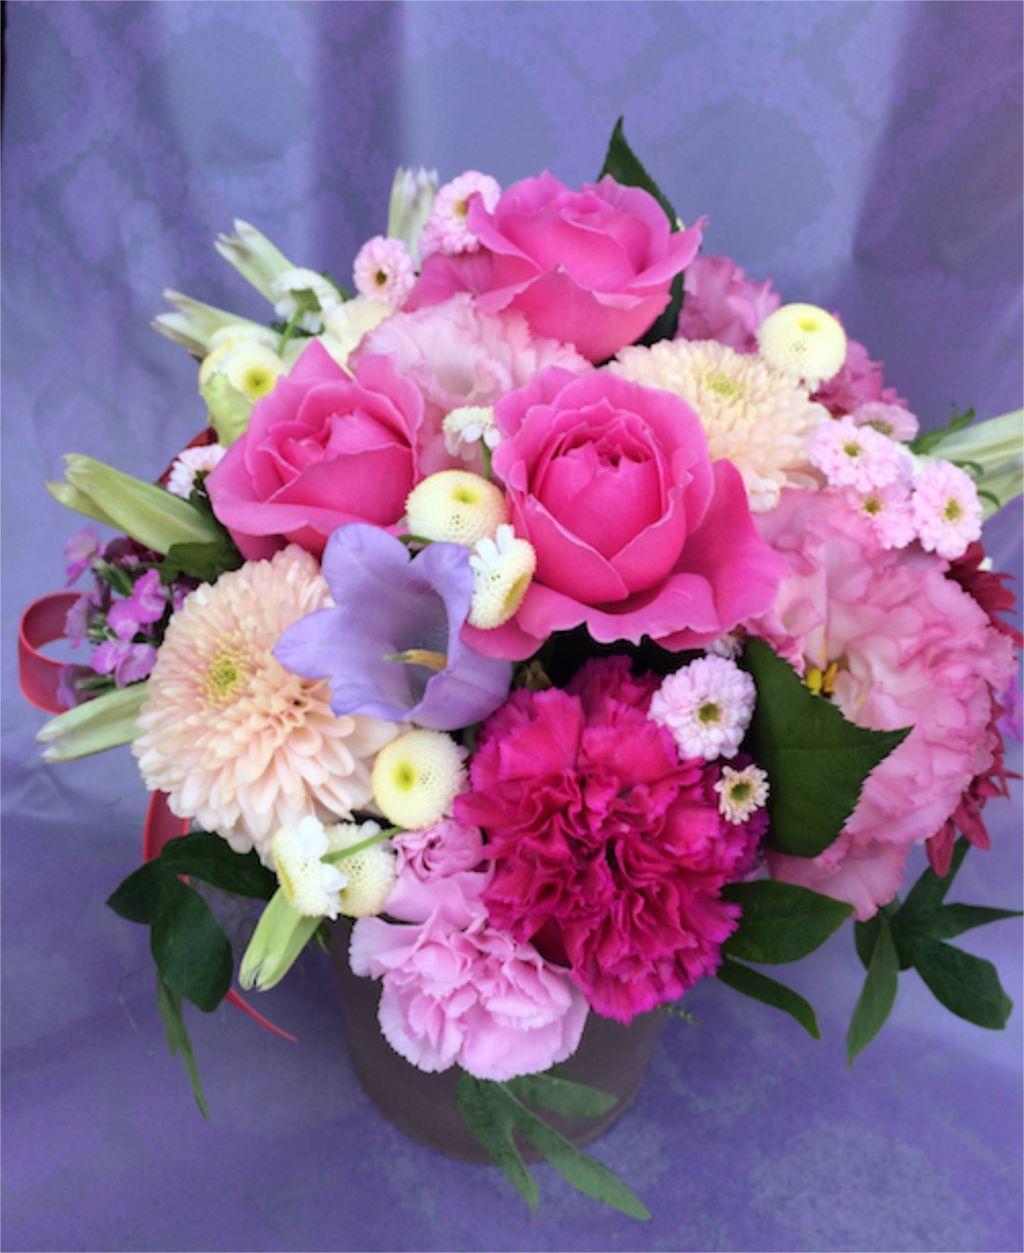 花ギフト|フラワーギフト|誕生日 花|カノシェ話題|スタンド花|ウエディングブーケ|花束|花屋|IMG_5116